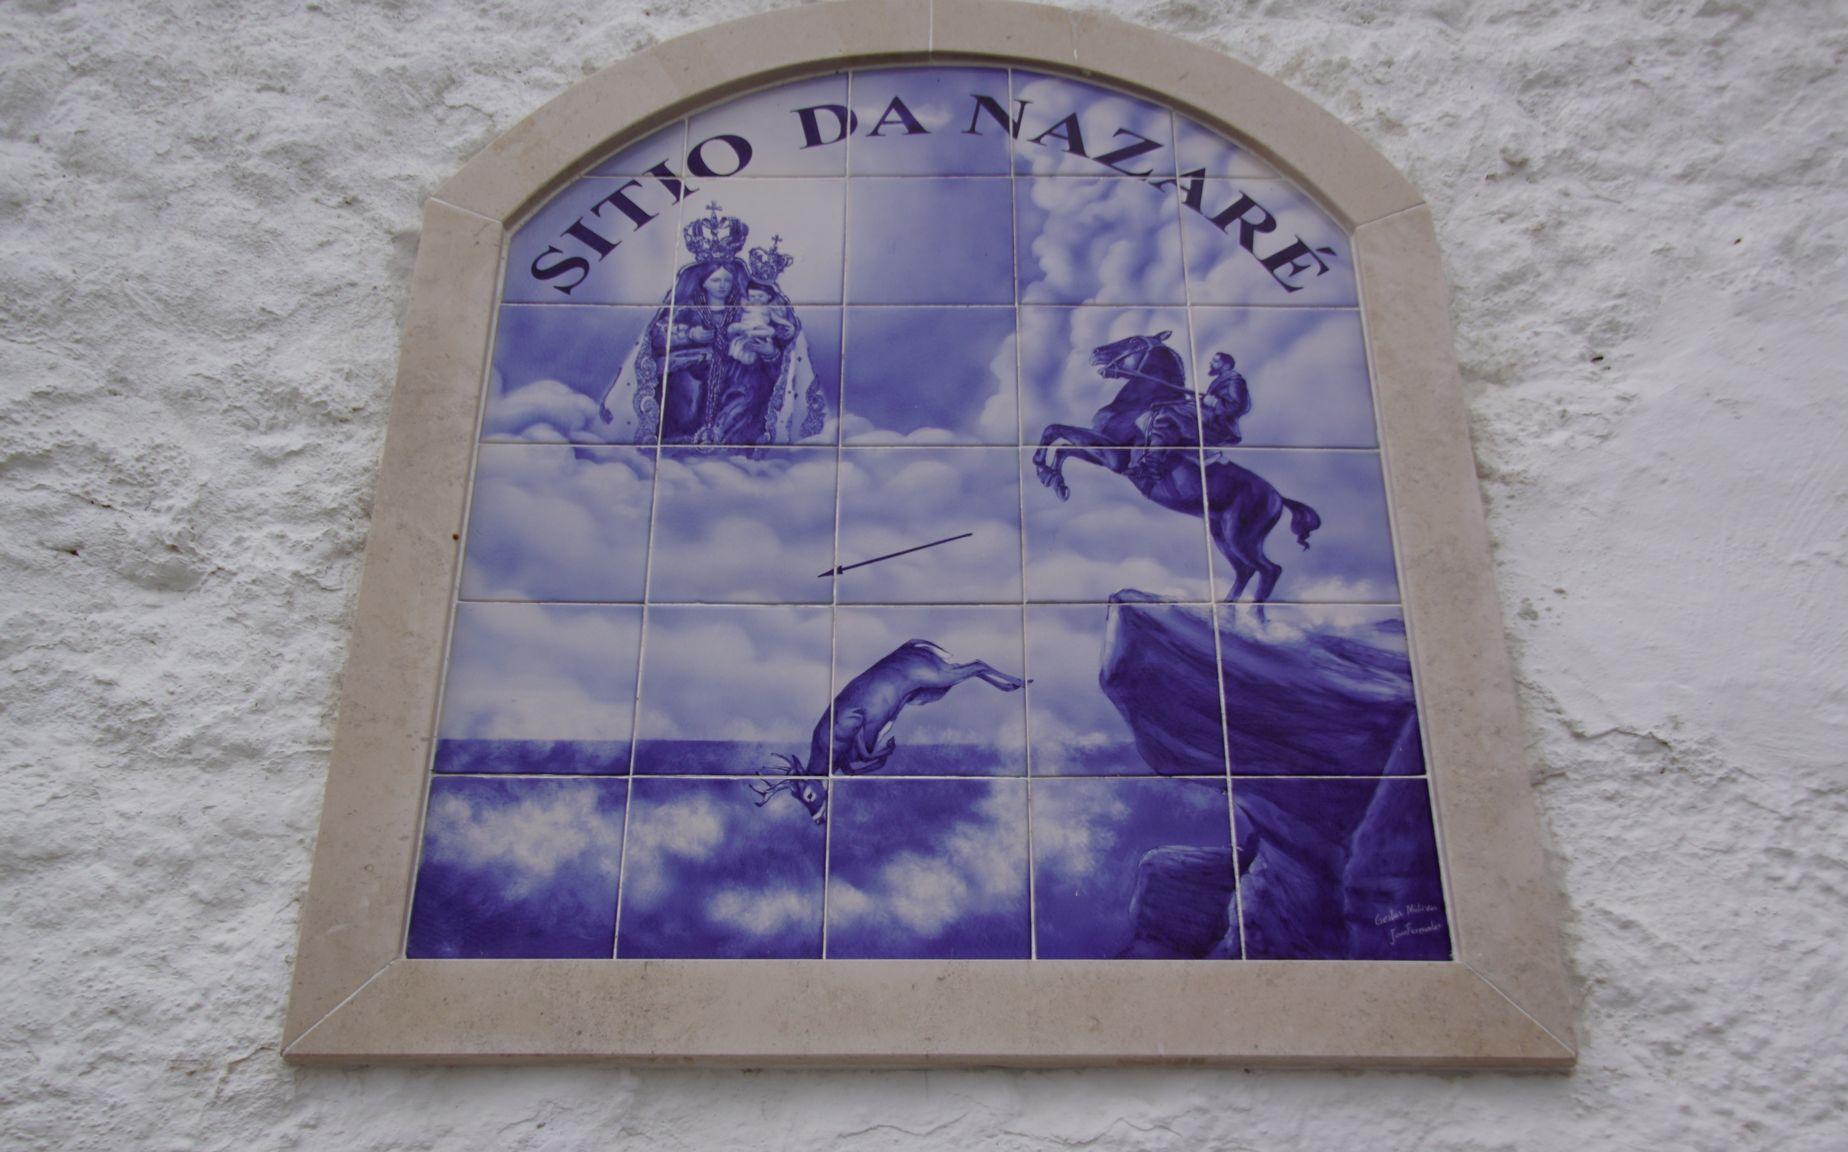 Un azulejo retraçant la légende